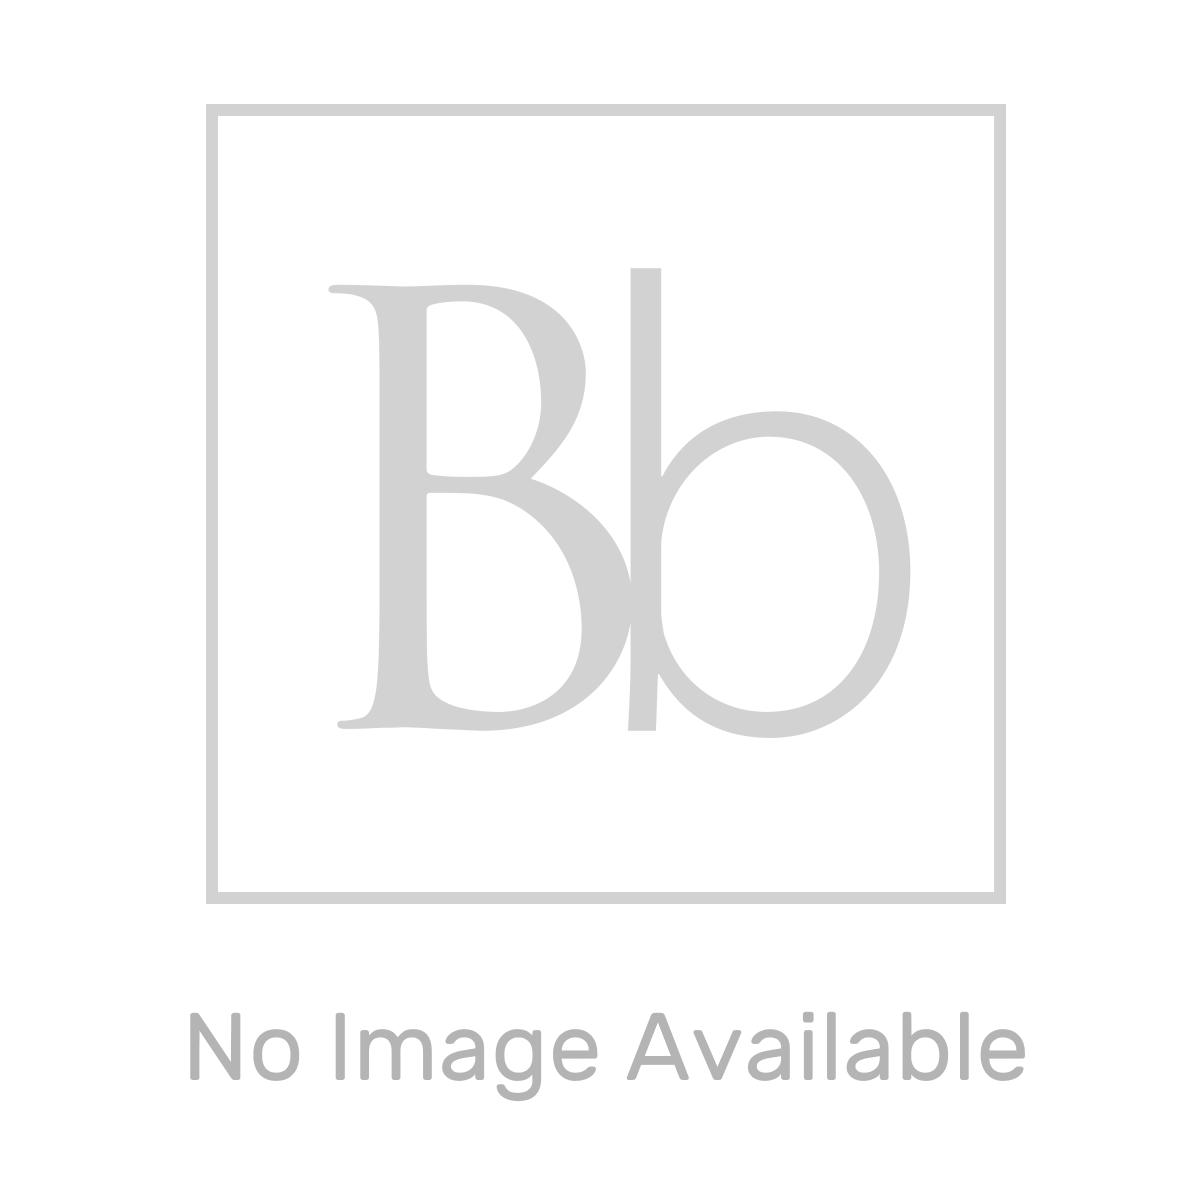 Burlington Glass Shelf with Chrome Railing